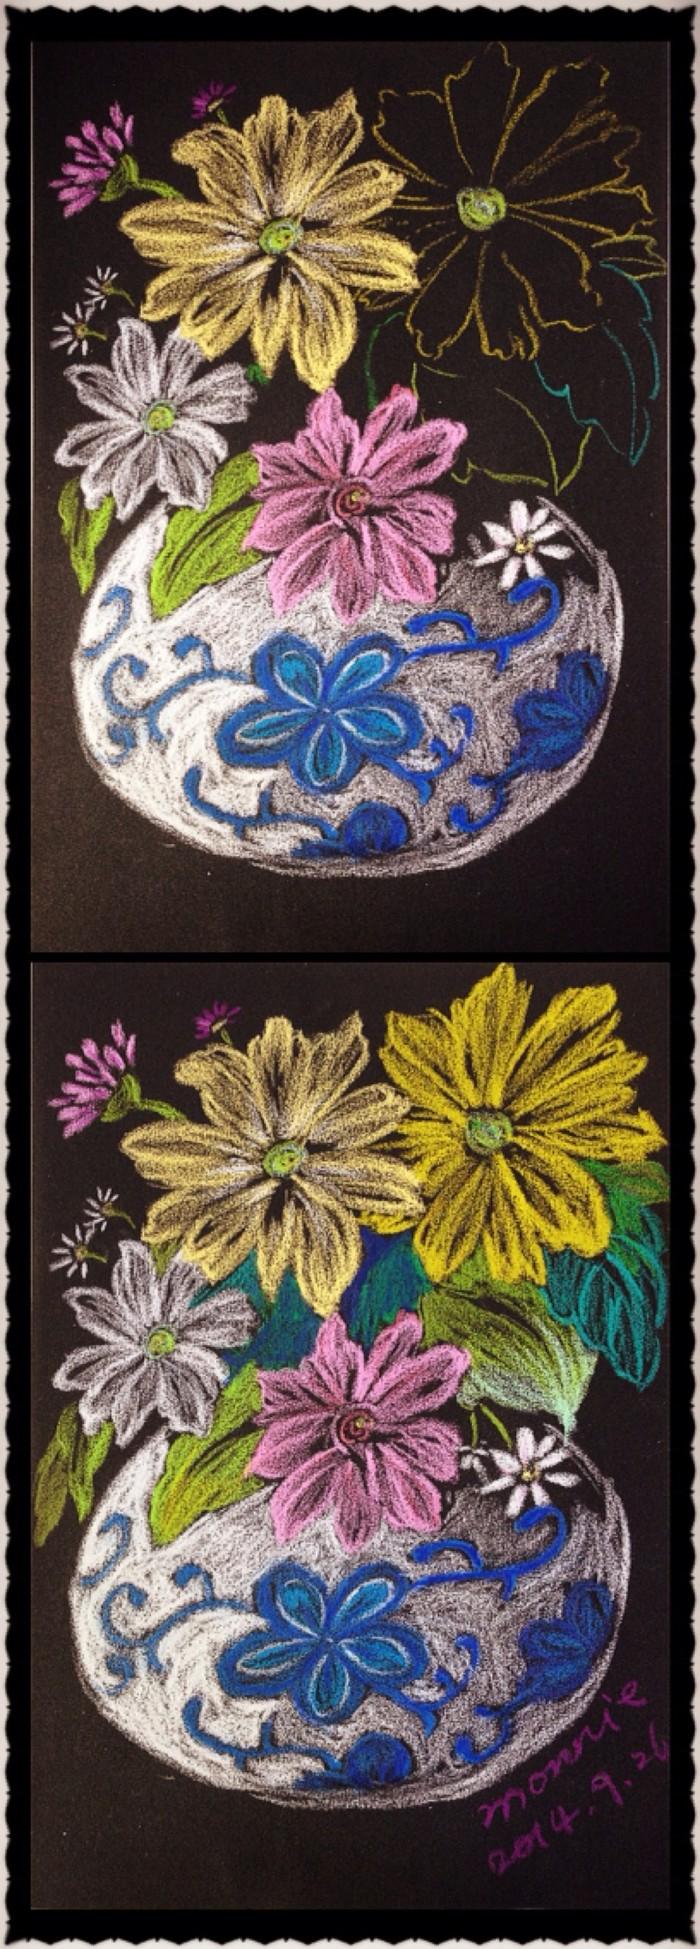 花朵-蜡笔画图集9